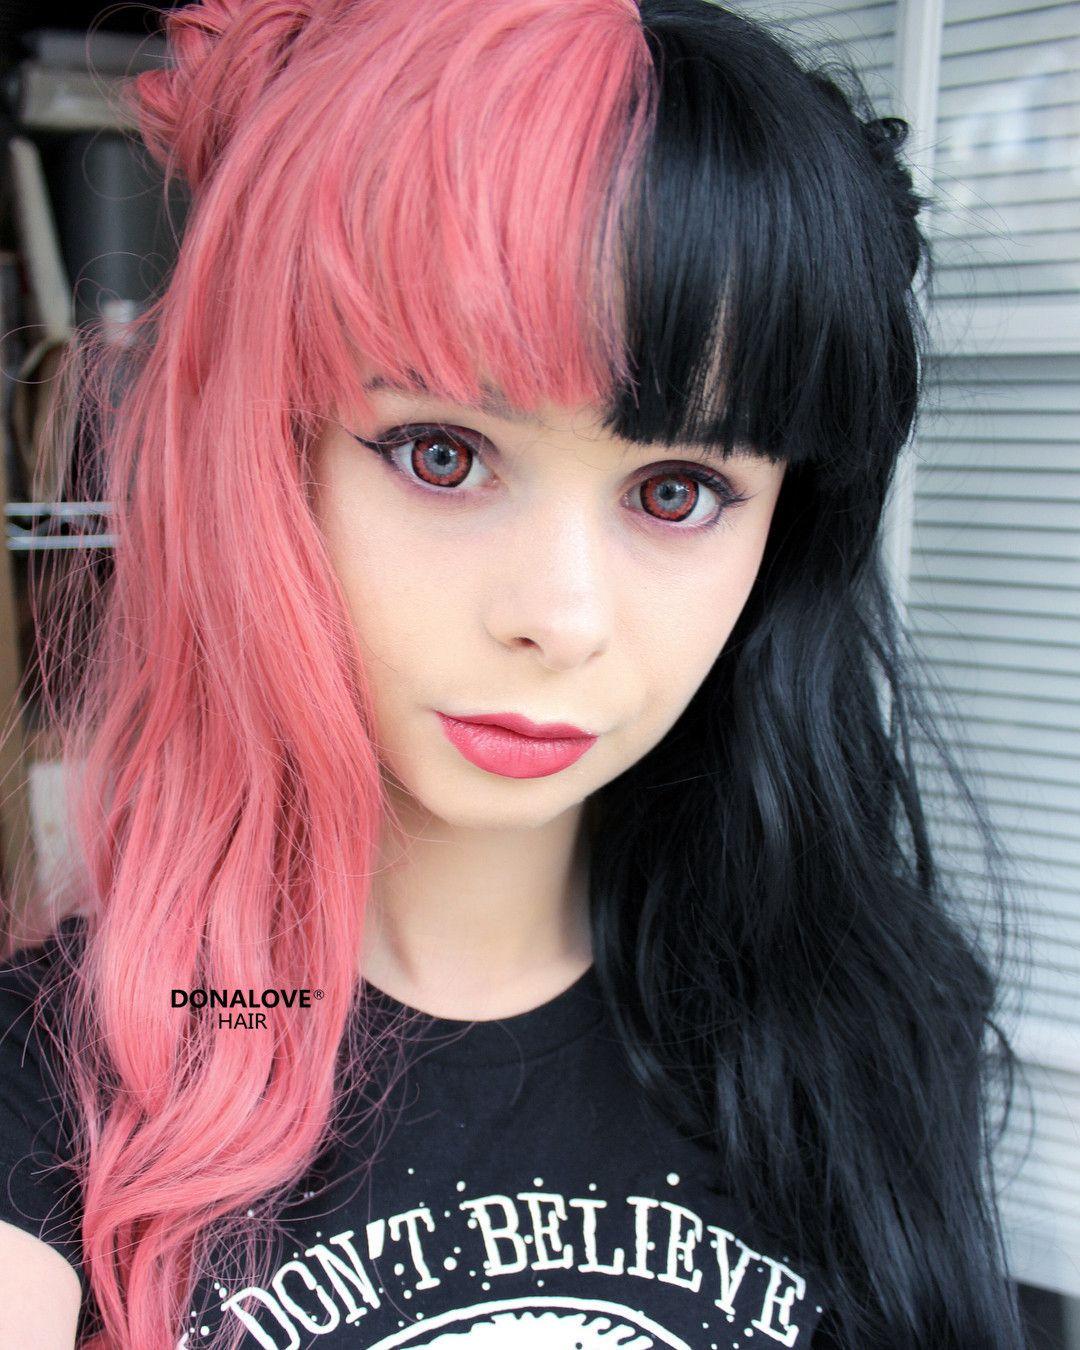 Halb Rosa Und Halb Schwarz Synthetische Perucke Sny088 Rosa Schwarz Pony Haar Haarfarbe Frisur Donalovehair Per Perucken Styling Kurzes Haar Haarfarben